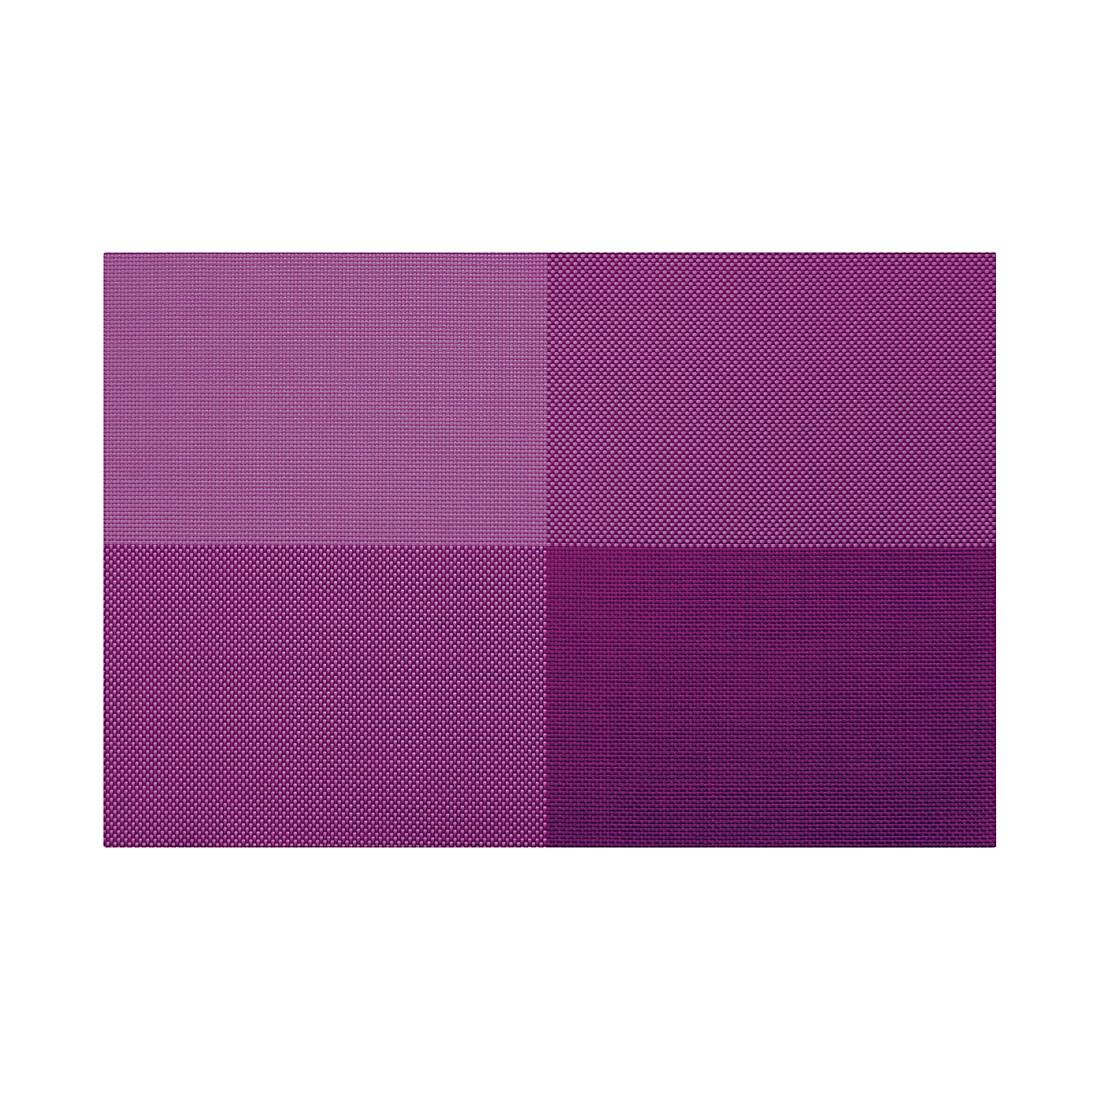 Tischsets Zarah (4er-Set) – lila, Contento günstig online kaufen